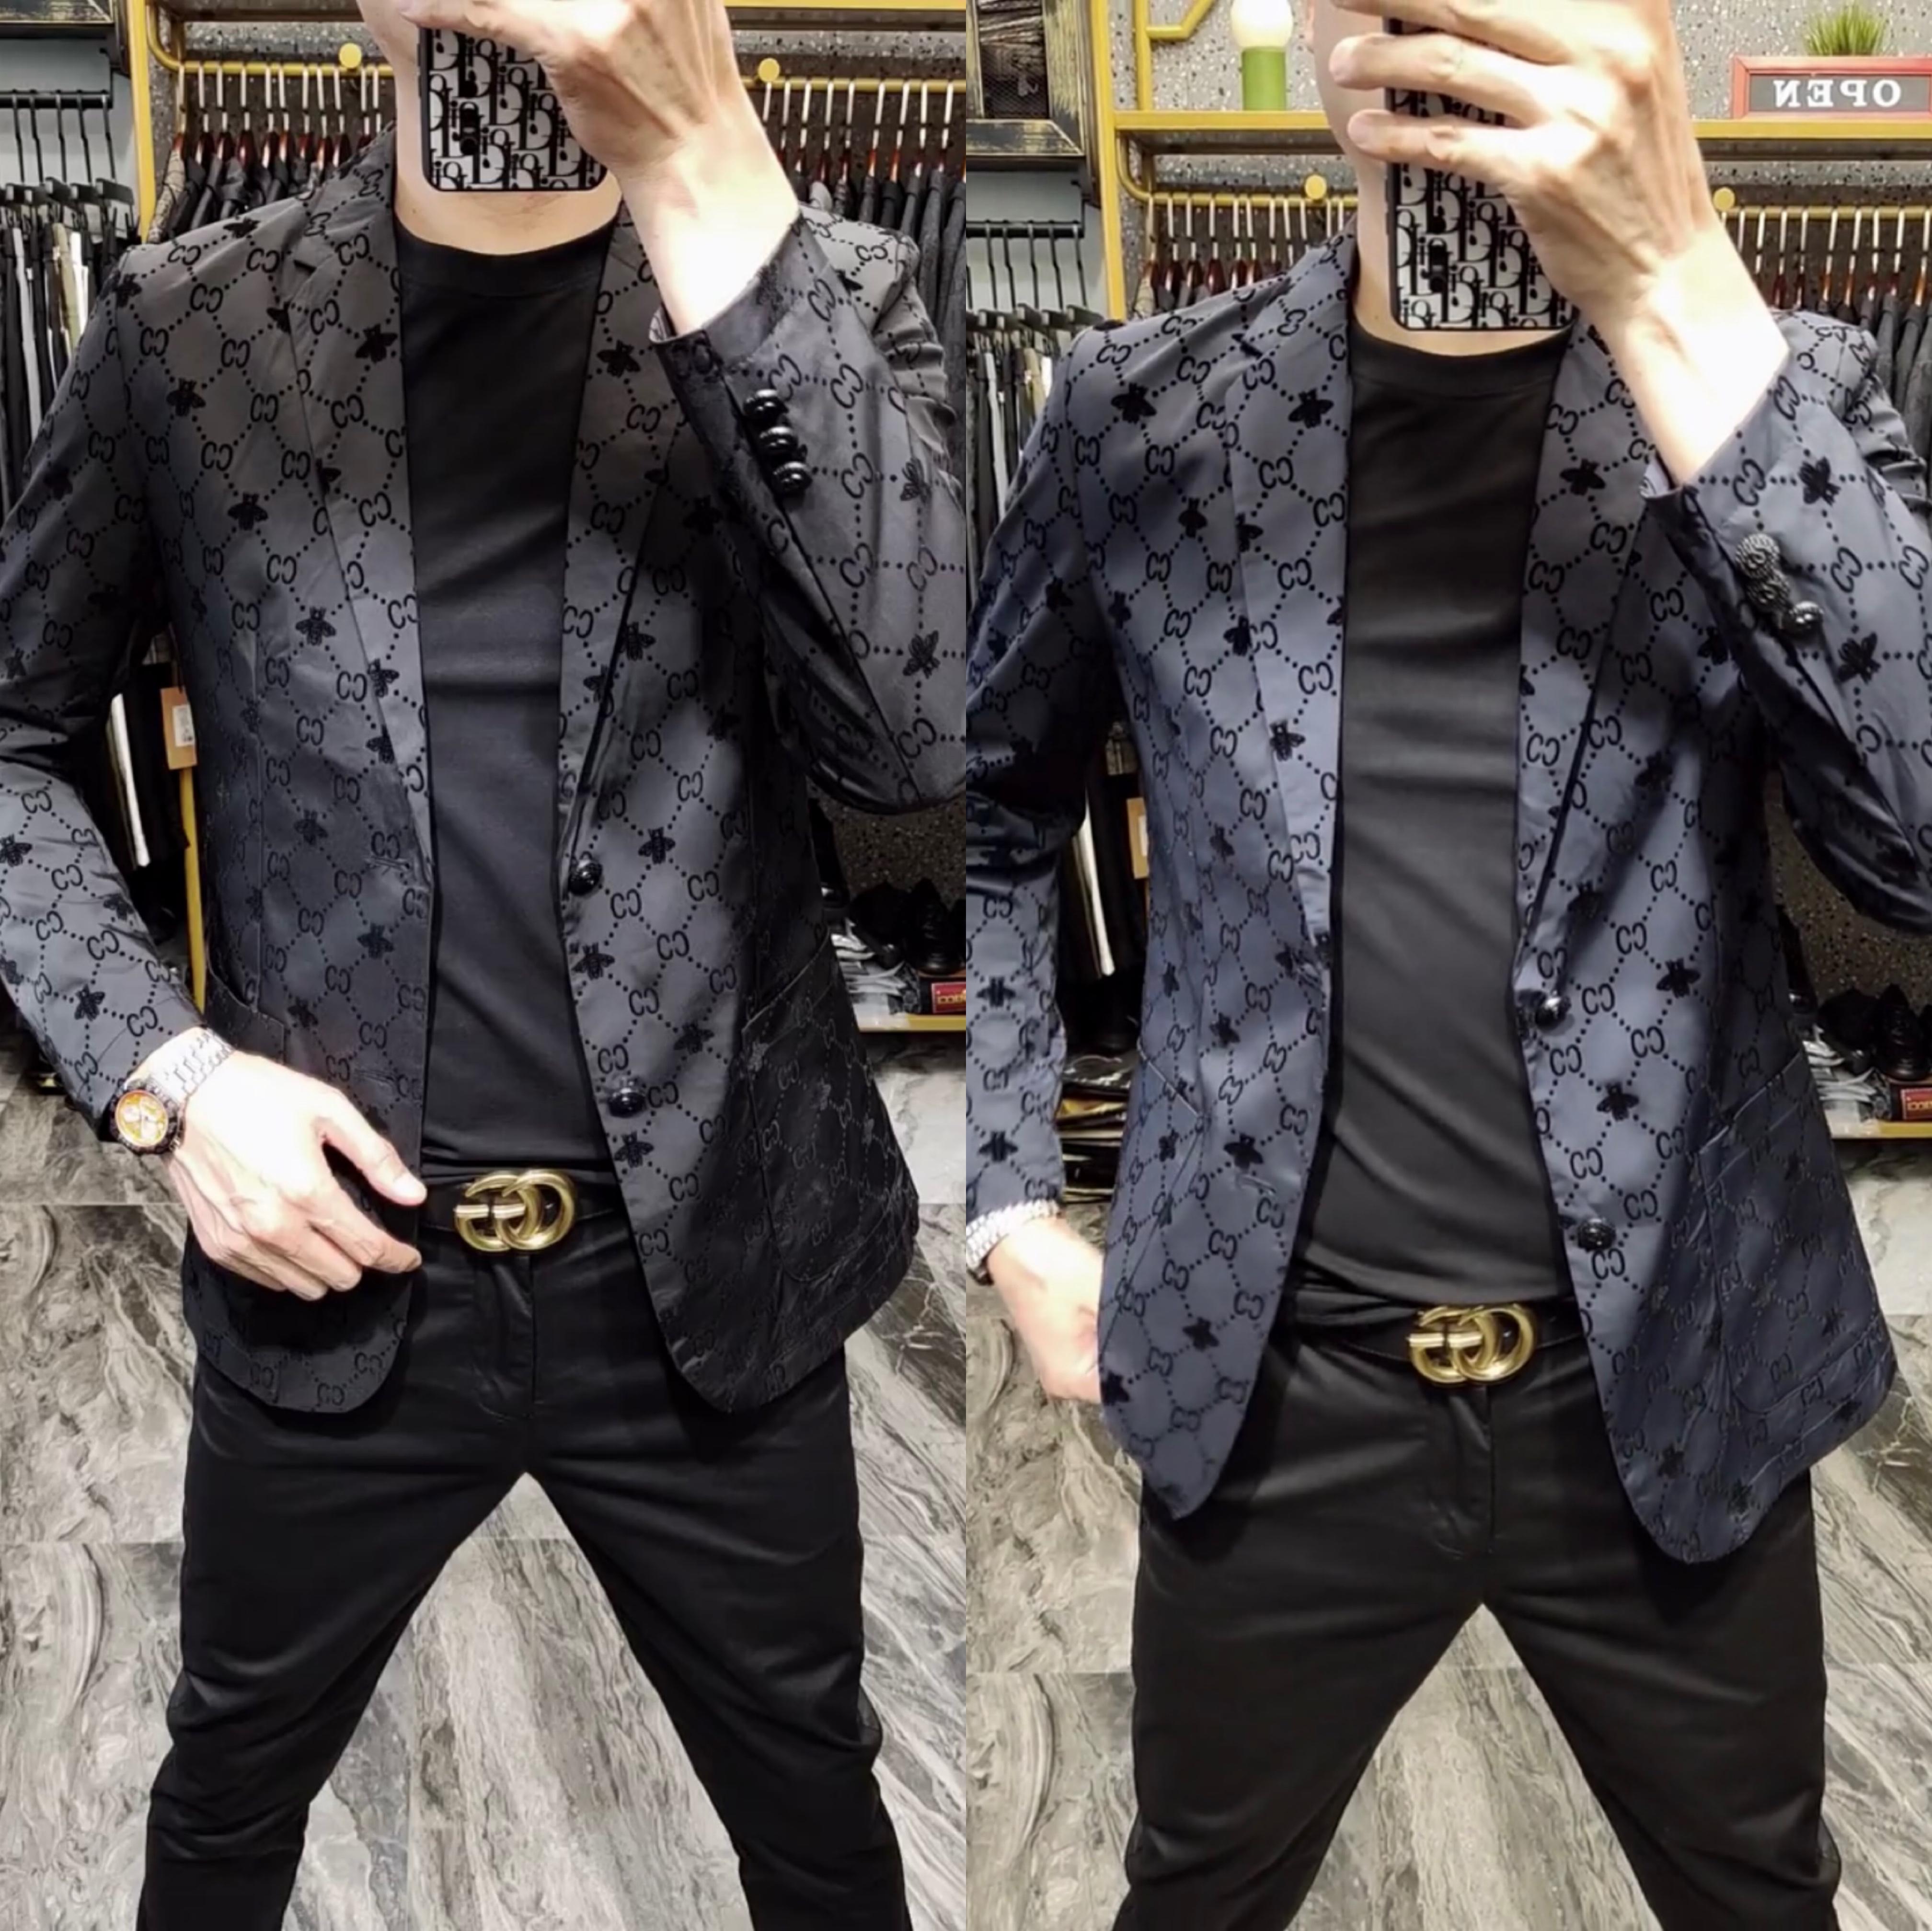 9902秋季男士修身黑色时尚潮流暗花欧货商务休闲时装长袖西服外套